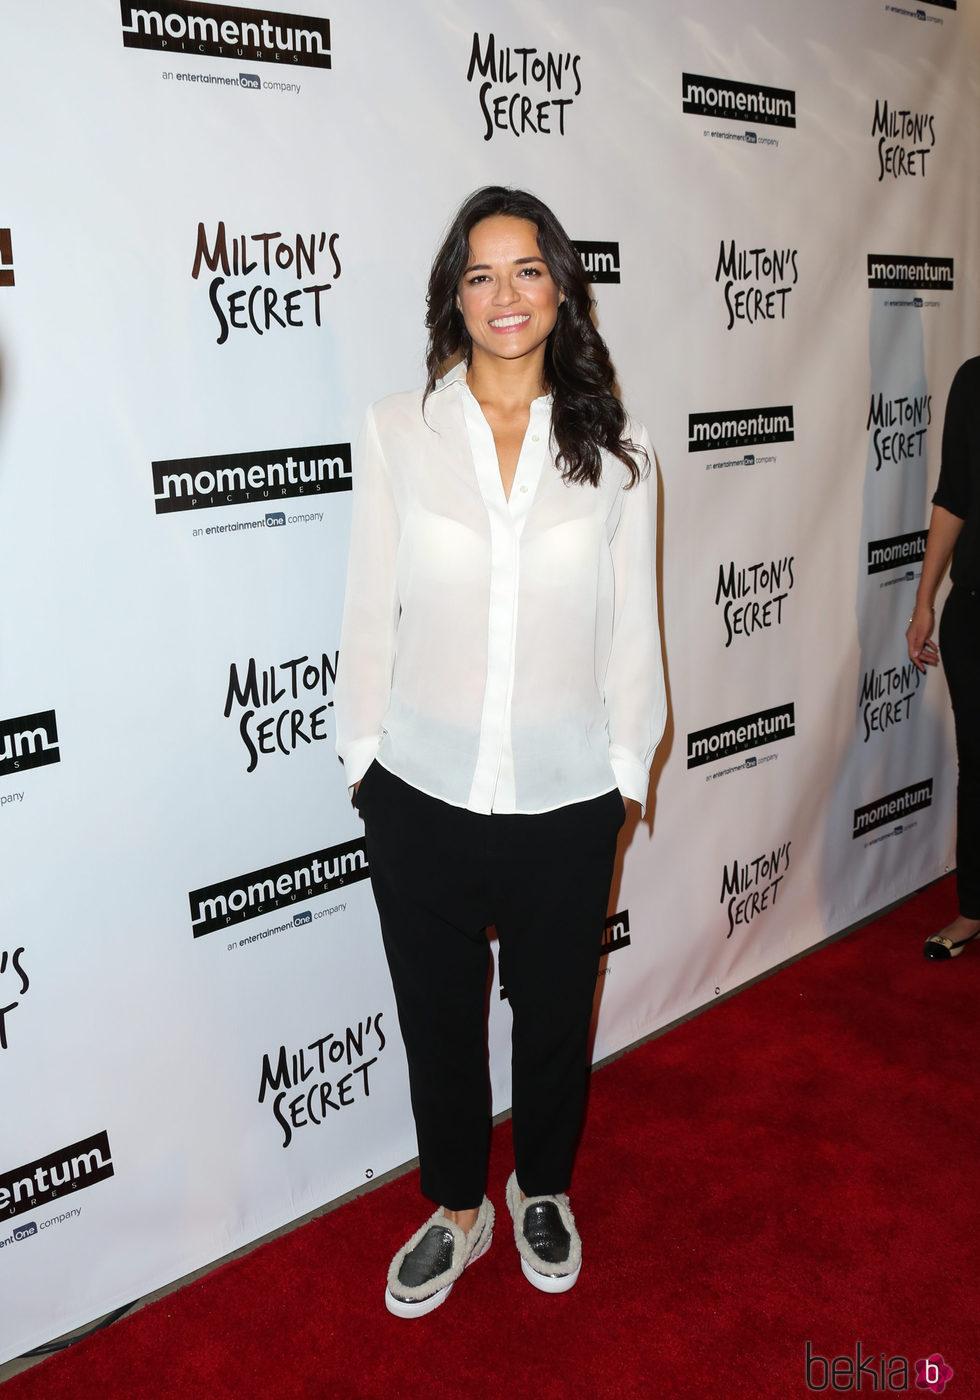 Michelle Rodriguez en el estreno de su película 'Milton's Secret'